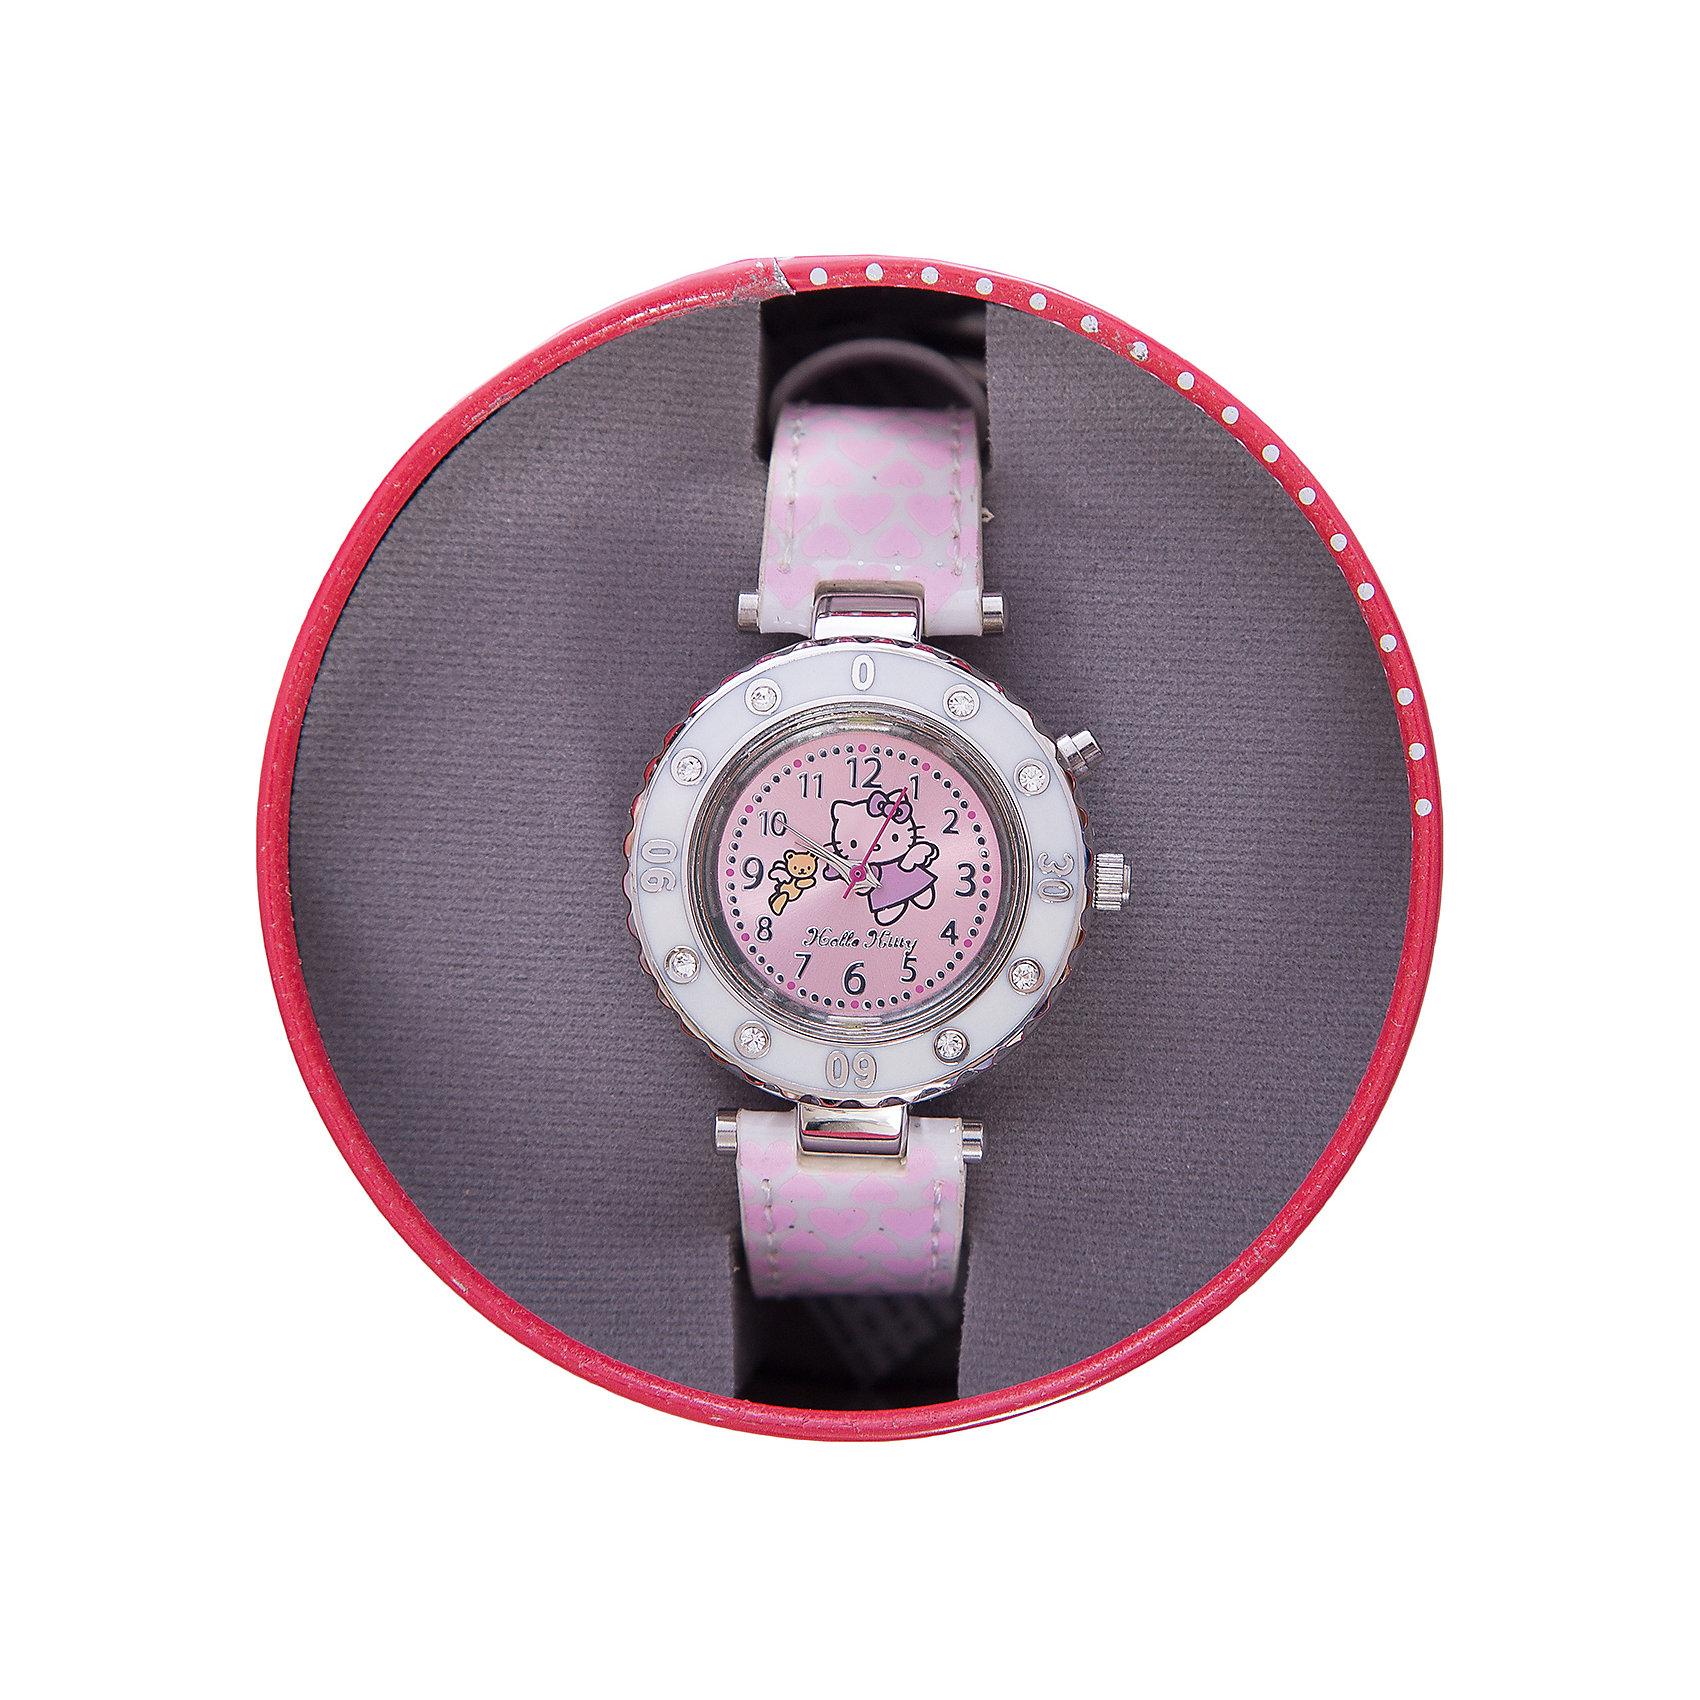 Часы наручные аналоговые с подсветкой, Hello KittyHello Kitty<br>Эксклюзивные наручные аналоговые часы торговой марки Hello Kitty выполнены по индивидуальному дизайну ООО «Детское Время» и лицензии компании Sanrio. Обилие деталей - декоративных элементов (страз, мерцающих ремешков), надписей,  уникальных изображений - делают изделие тщательно продуманным творением мастеров. Часы имеют высококачественный японский кварцевый механизм и отличаются надежностью и точностью хода. Часы водоустойчивы и обладают достаточной герметичностью, чтобы спокойно перенести случайный и незначительный контакт с жидкостями (дождь, брызги), но они не предназначены для плавания или погружения в воду. Циферблат защищен от повреждений прочным минеральным стеклом. Корпус часов выполнен из стали,  задняя крышка из нержавеющей стали. Материал браслета: искусственная кожа. Единица товара упаковывается в стильную подарочную коробочку. Неповторимый стиль с изобилием насыщенных и в тоже время нежных гамм; надежность и прочность изделия позволяют говорить о нем только в превосходной степени!<br><br>Ширина мм: 55<br>Глубина мм: 10<br>Высота мм: 240<br>Вес г: 43<br>Возраст от месяцев: 36<br>Возраст до месяцев: 72<br>Пол: Женский<br>Возраст: Детский<br>SKU: 5529326